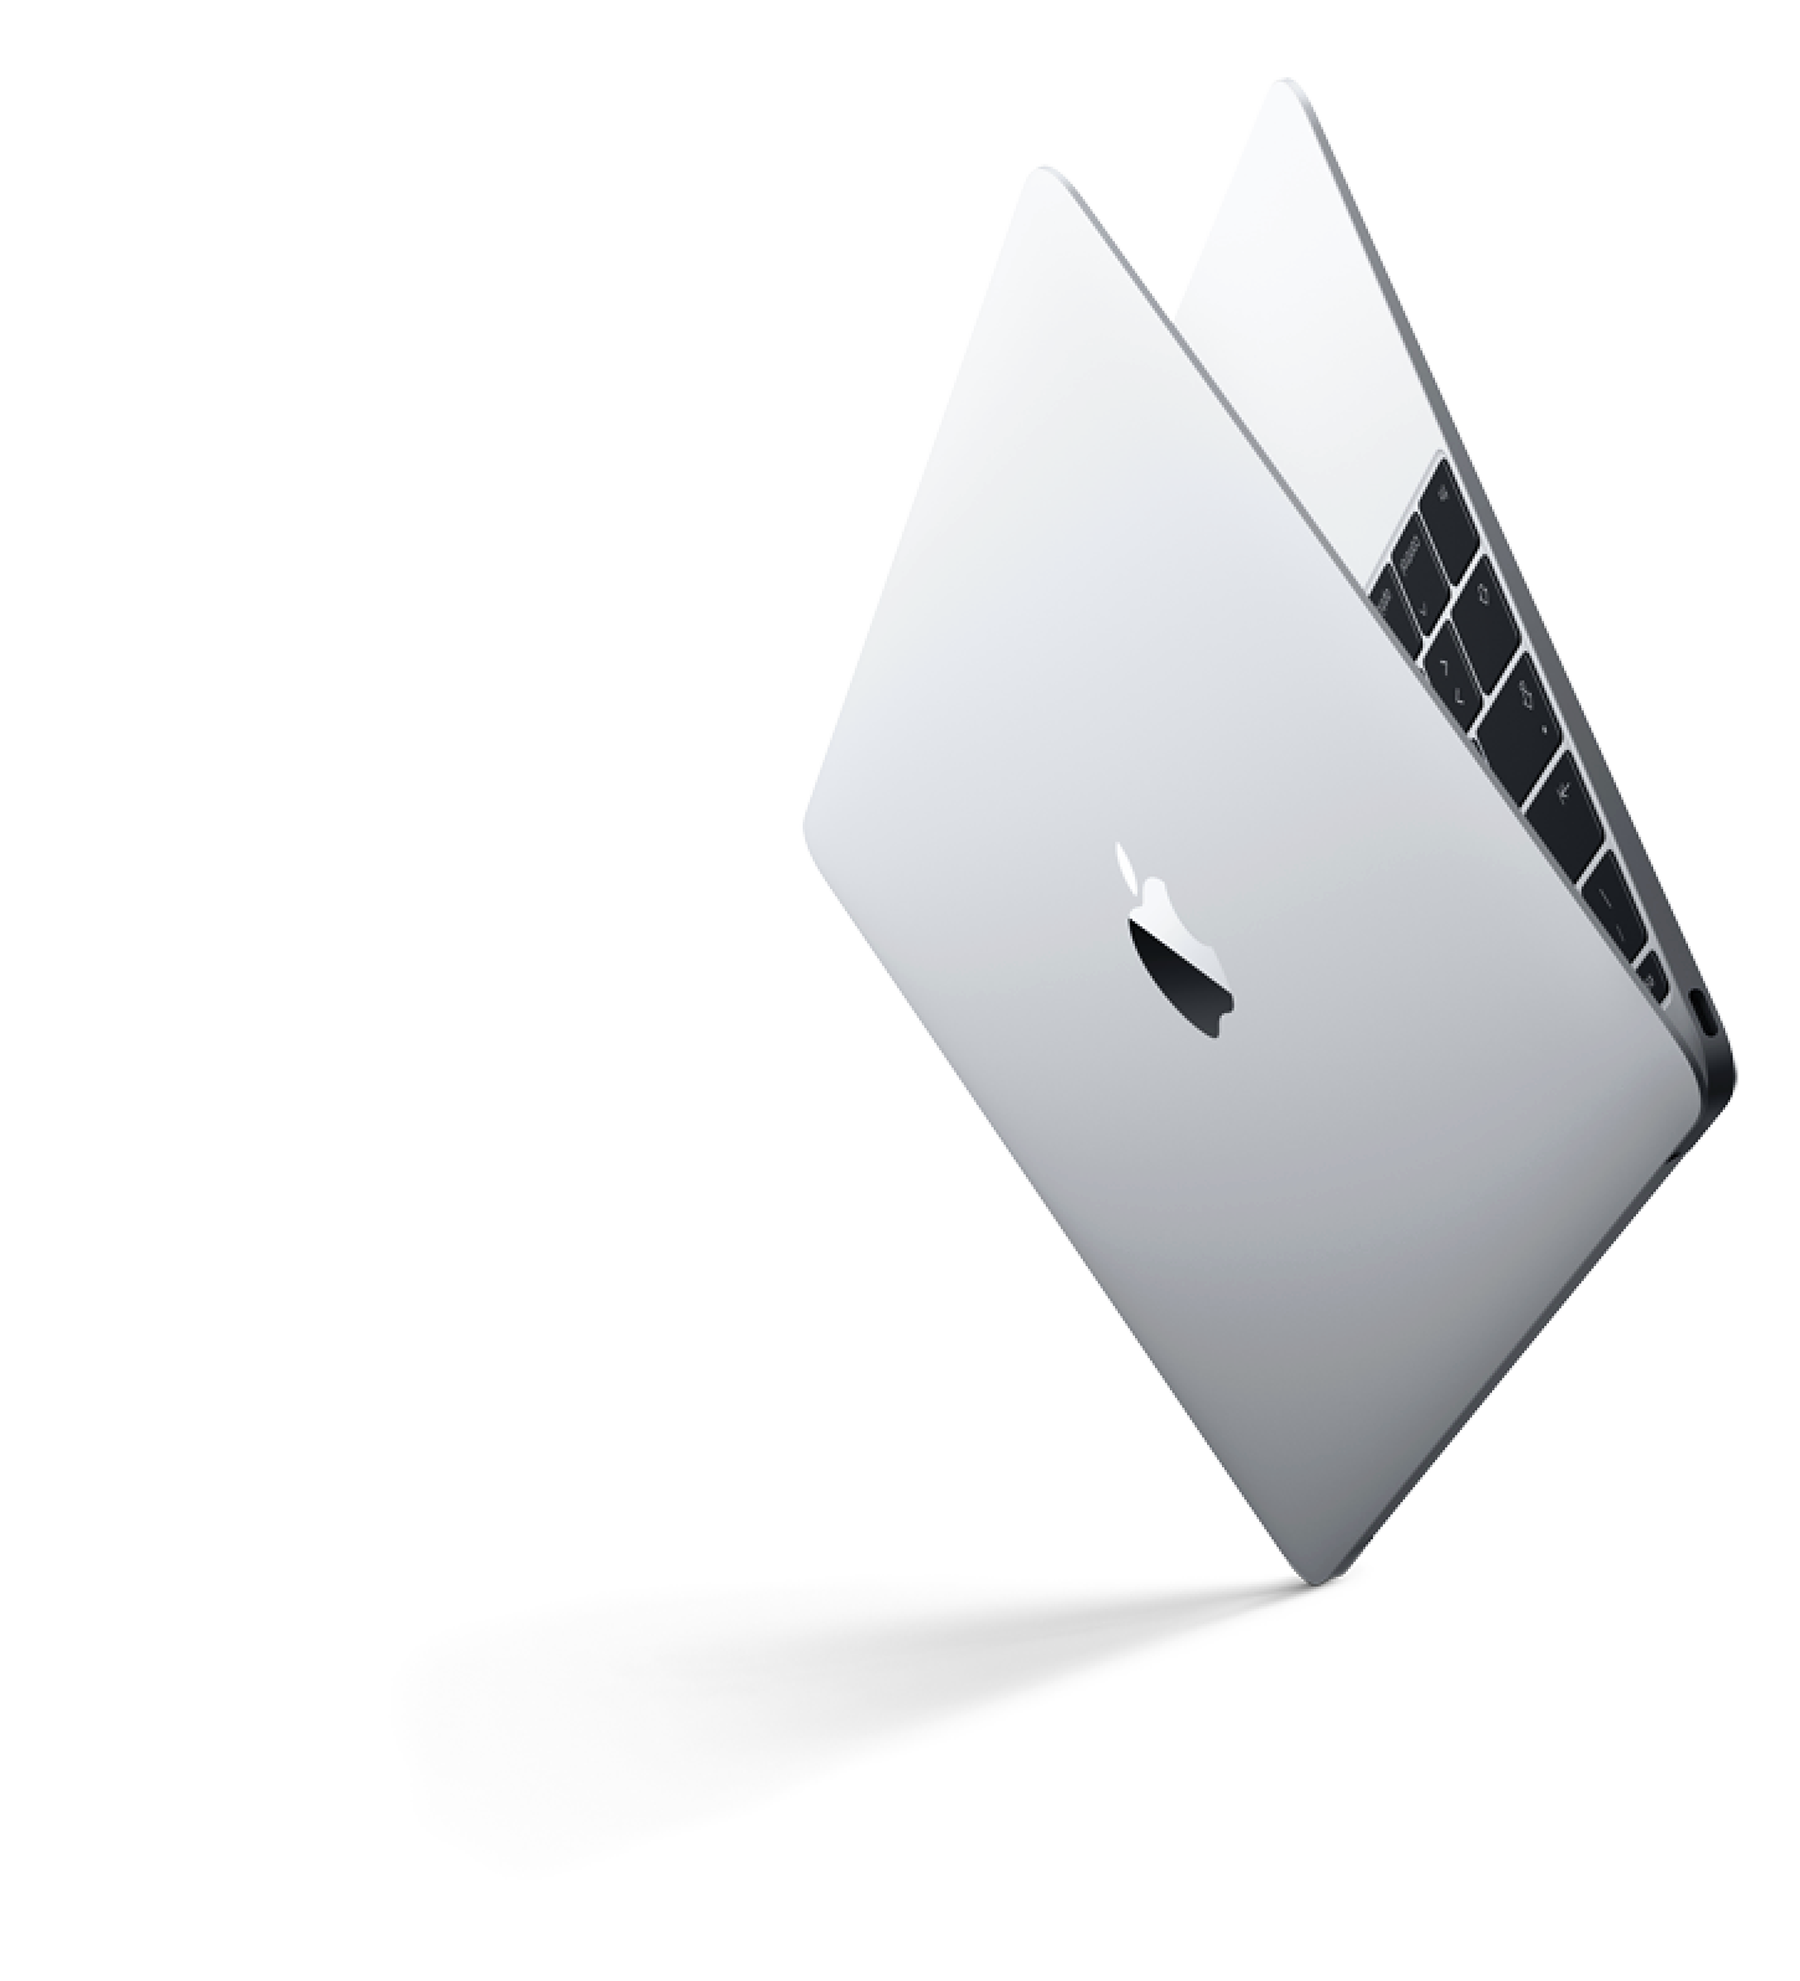 MacBook Air - Apple